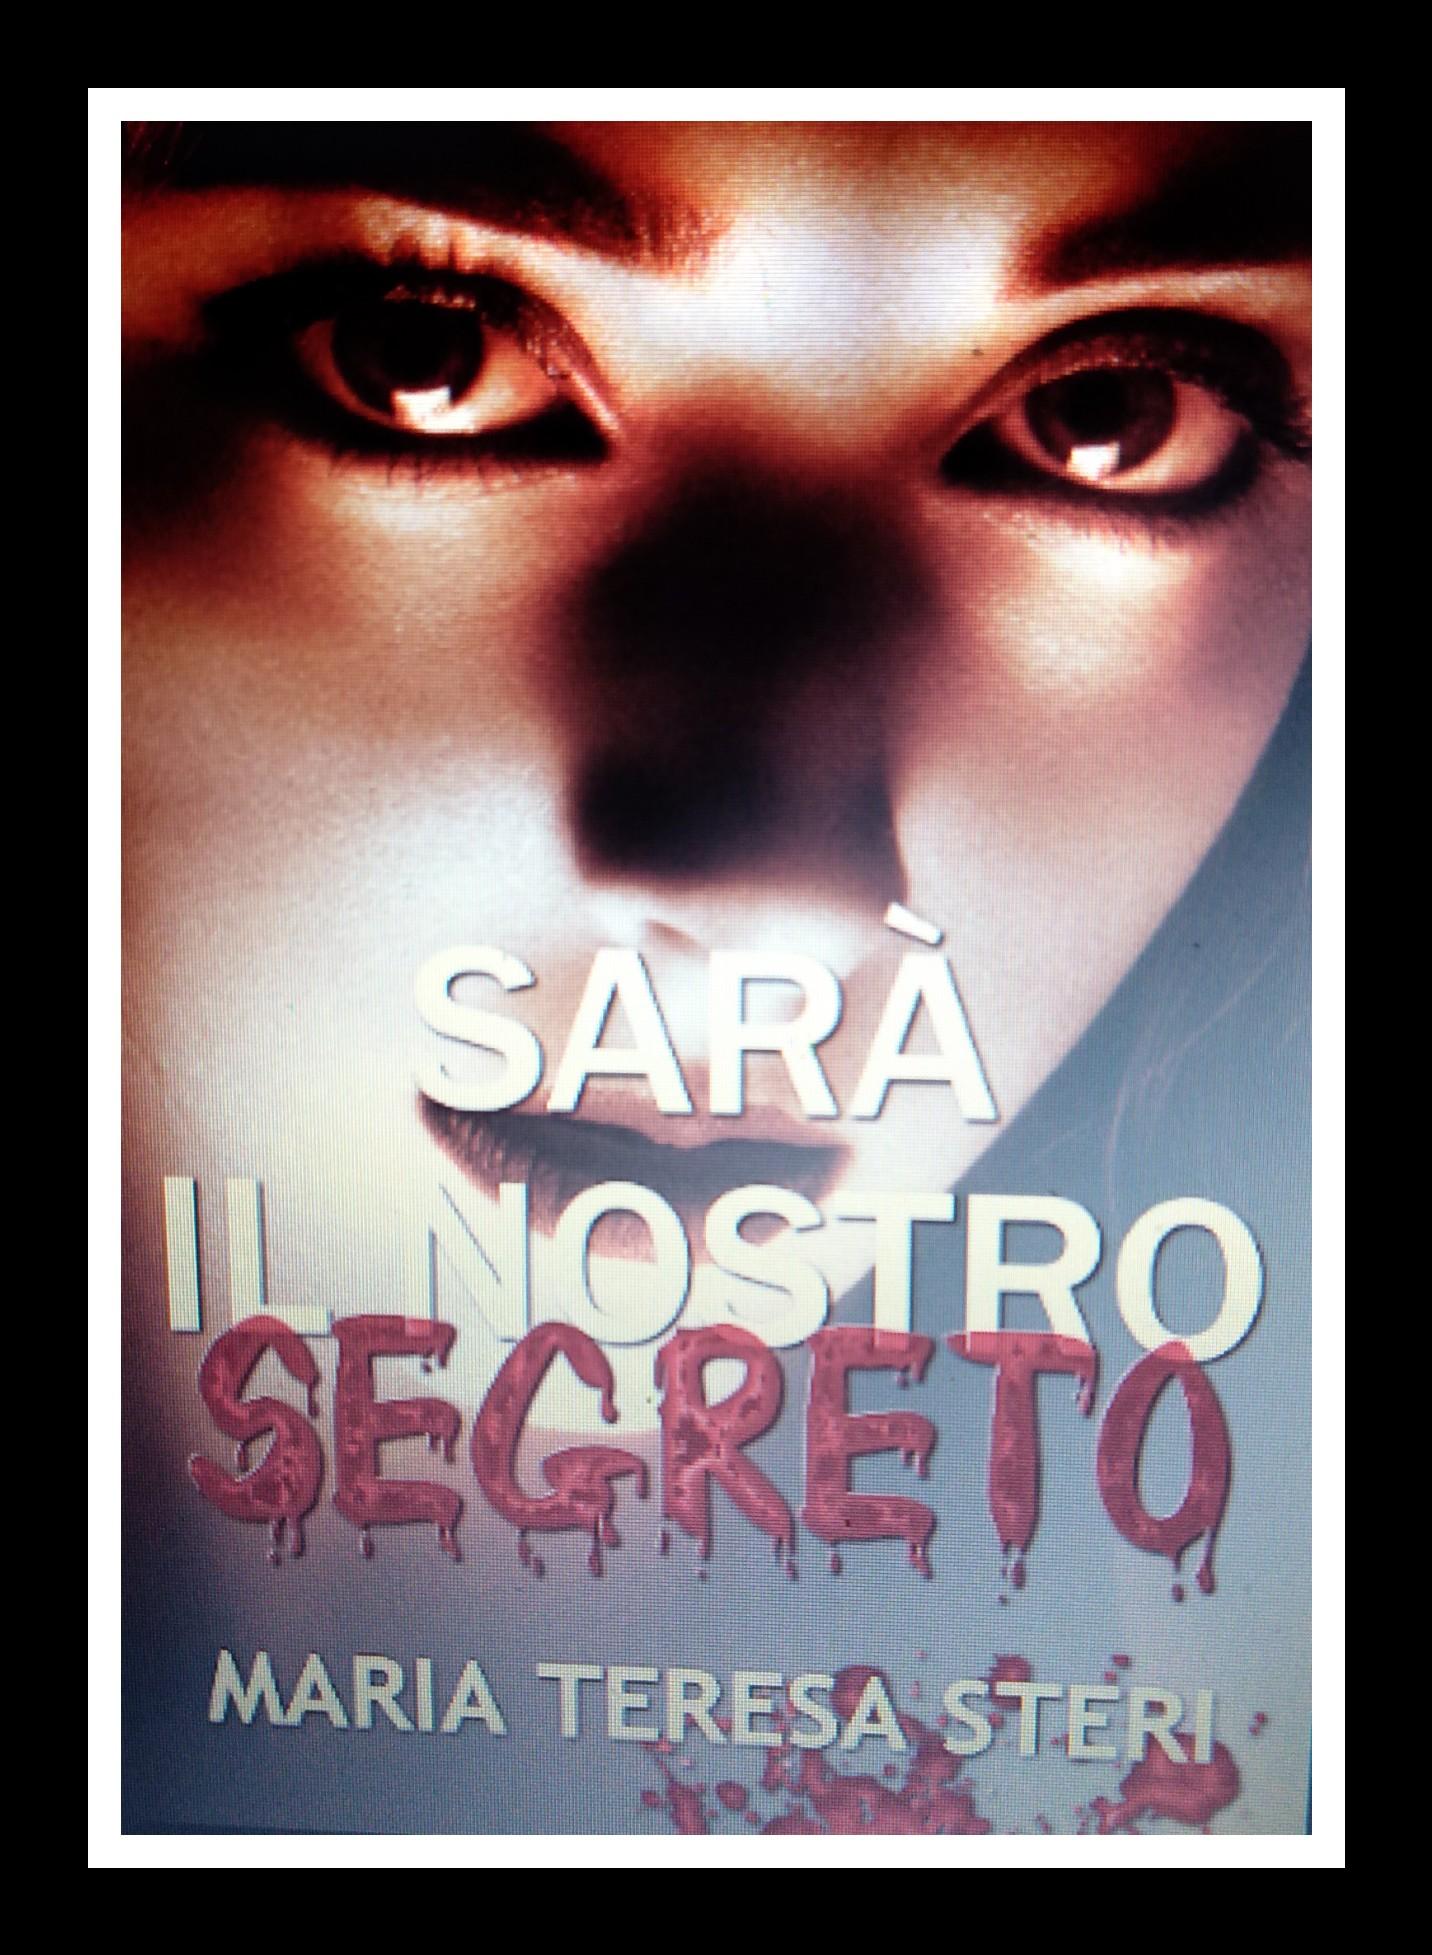 """Anteprima, """"Sarà il nostro segreto""""  di  Maria Teresa Steri"""